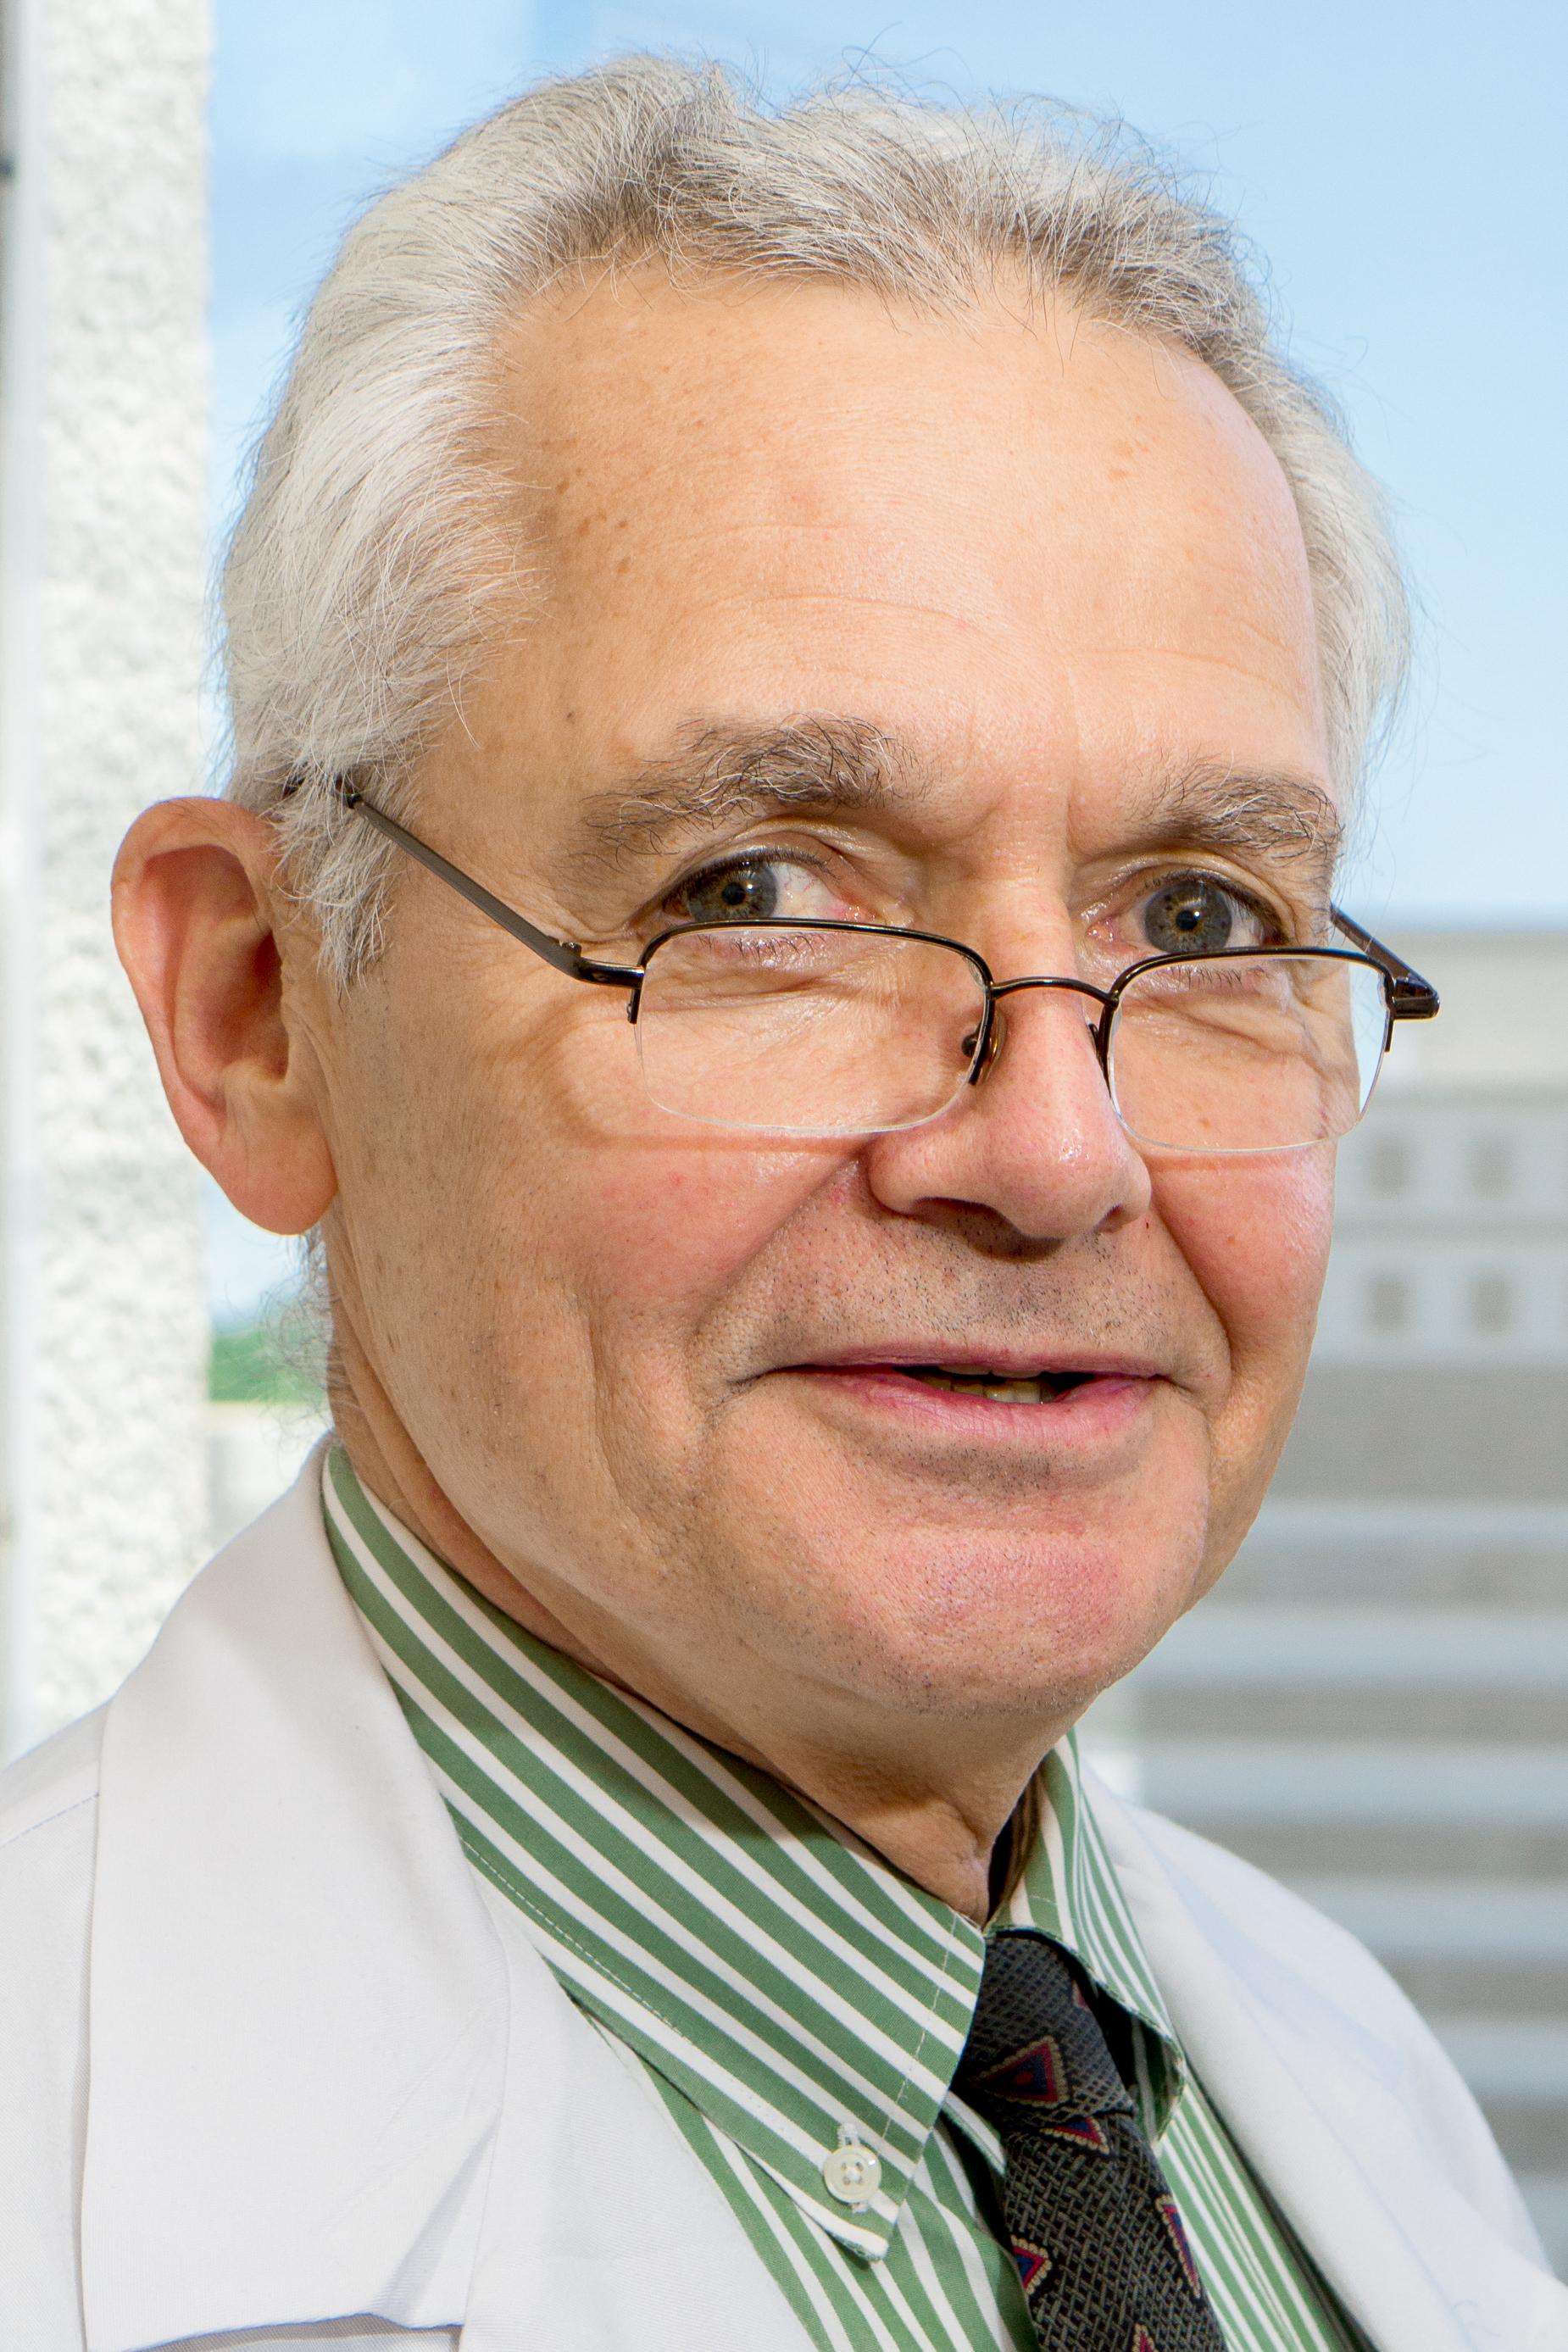 Olivier L. Kreitmann, MD